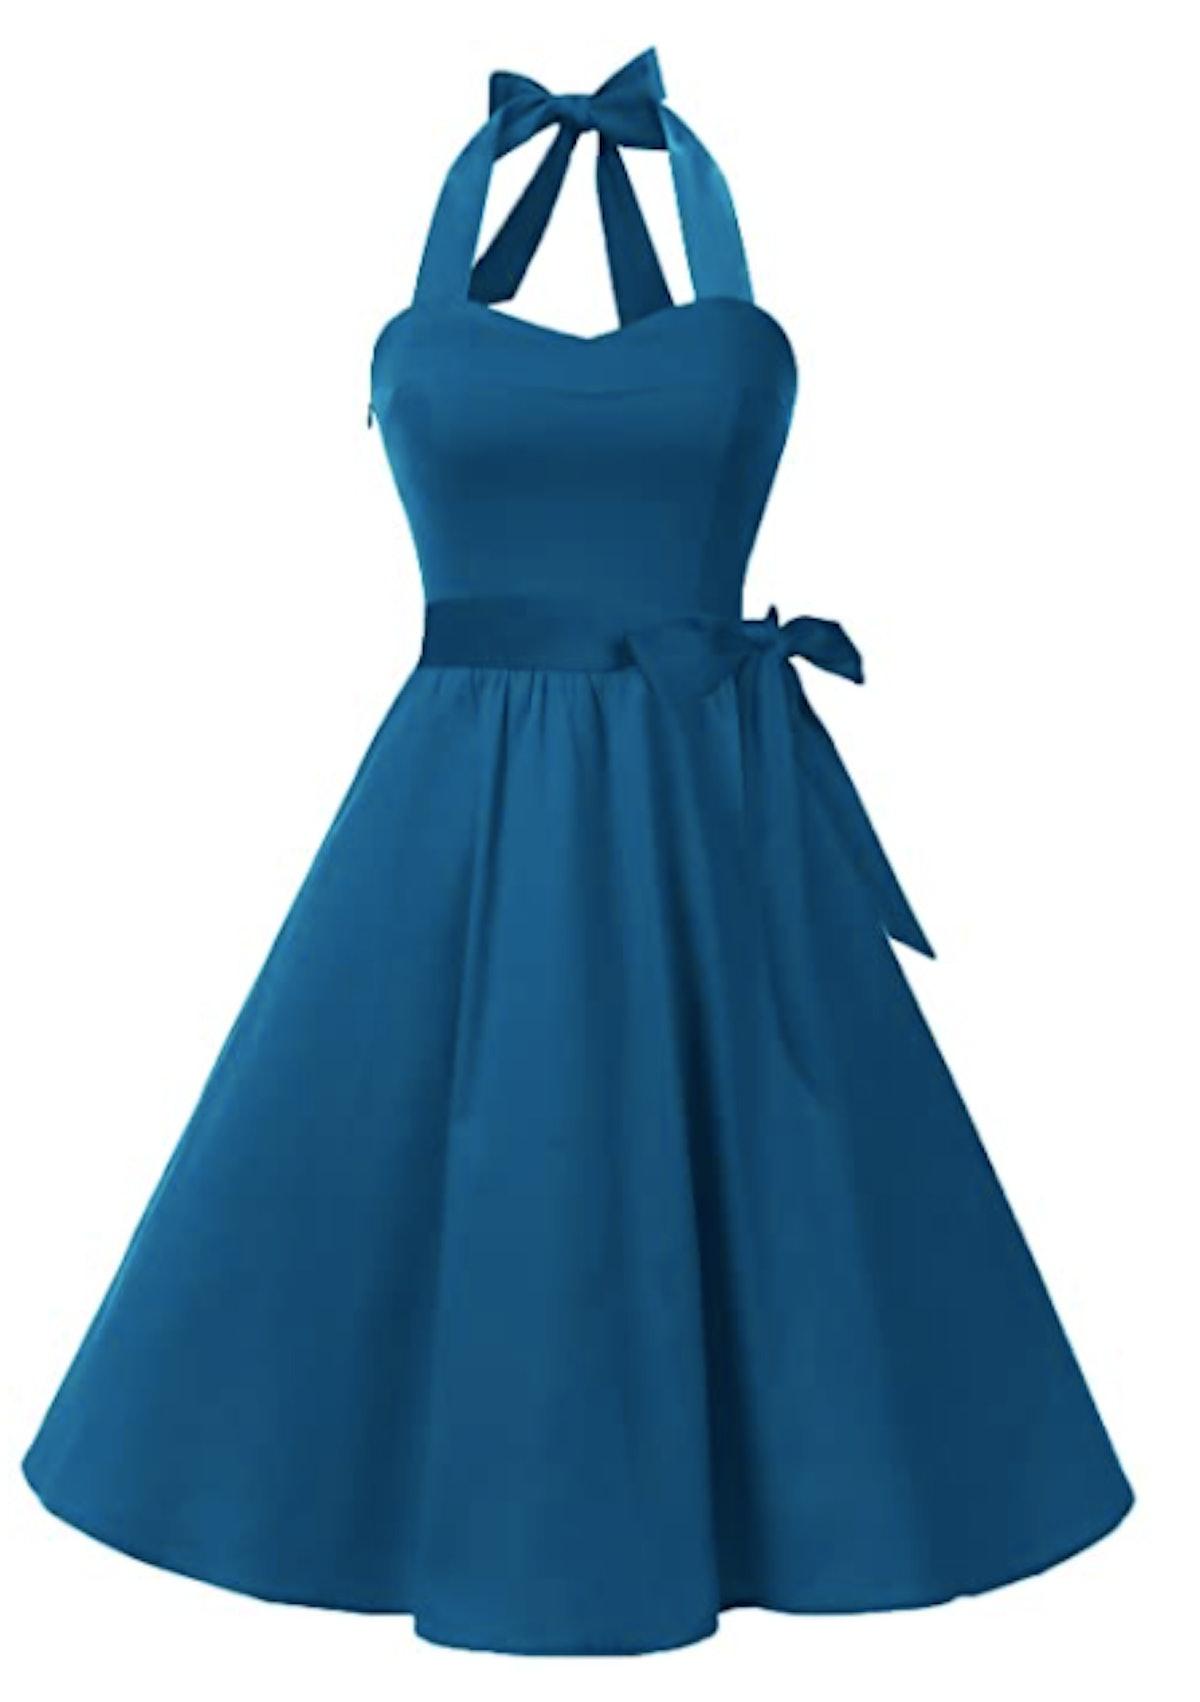 Topdress Audrey Dress